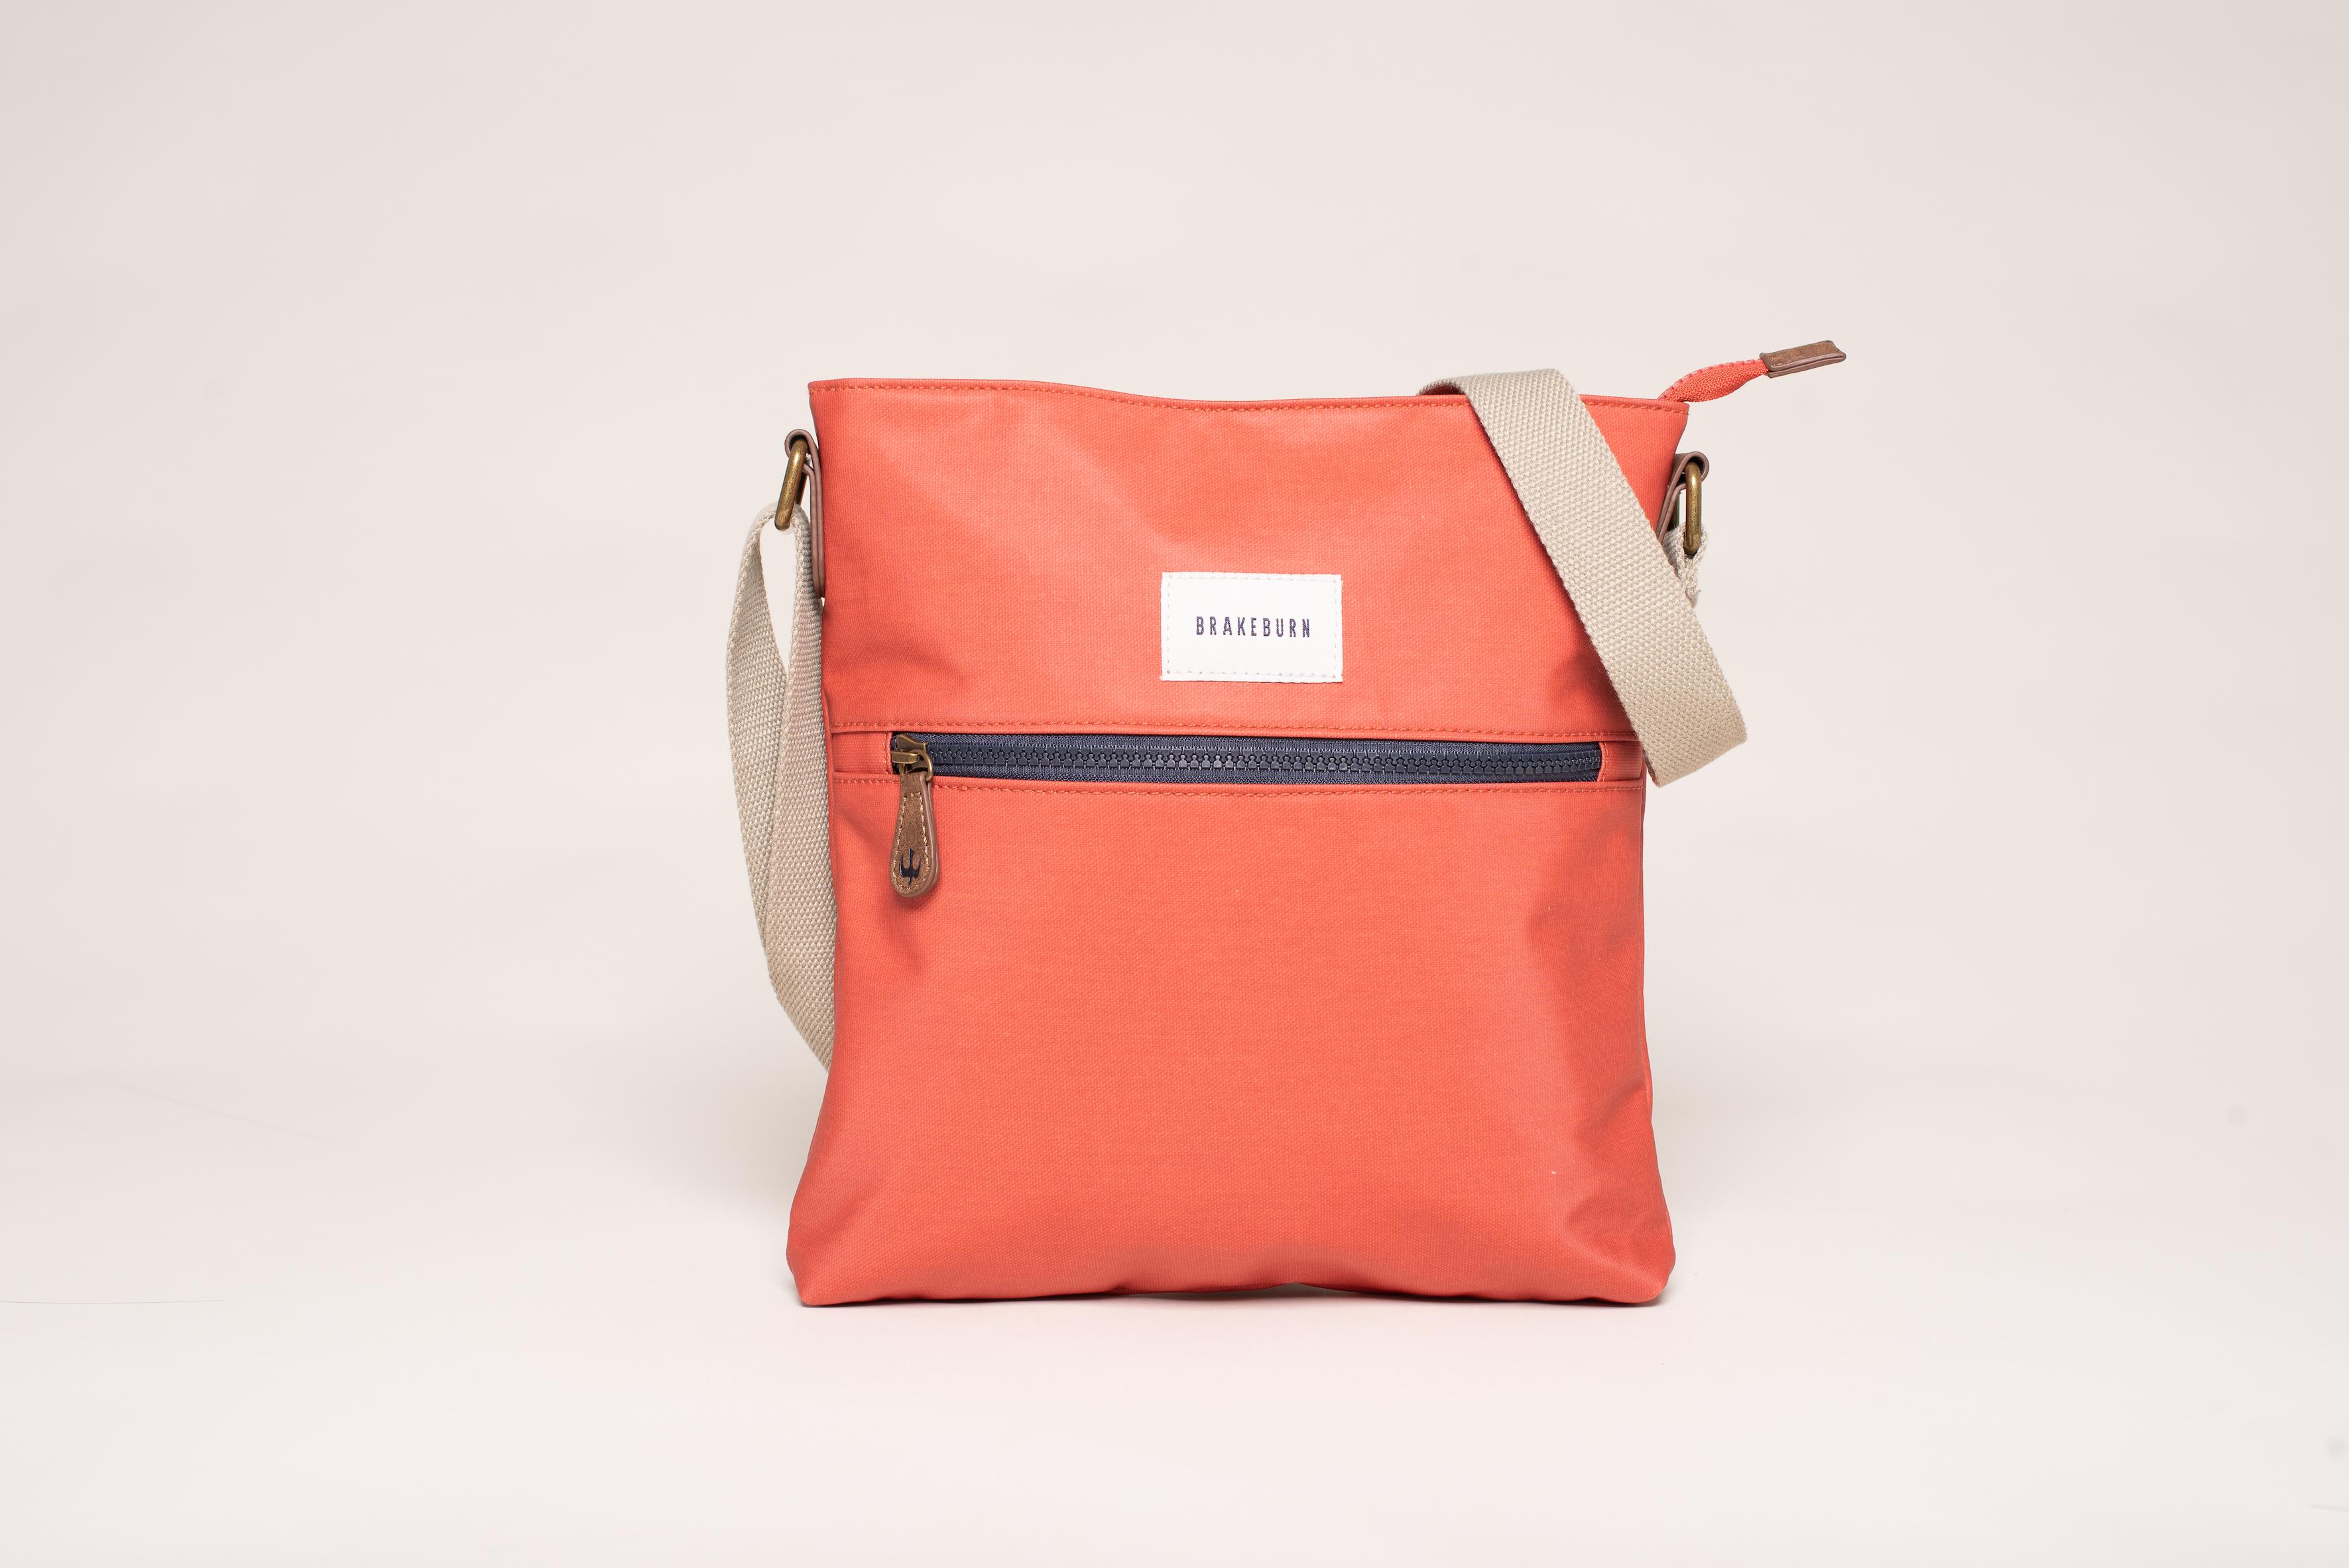 Brakeburn Rust Cross Body Bag